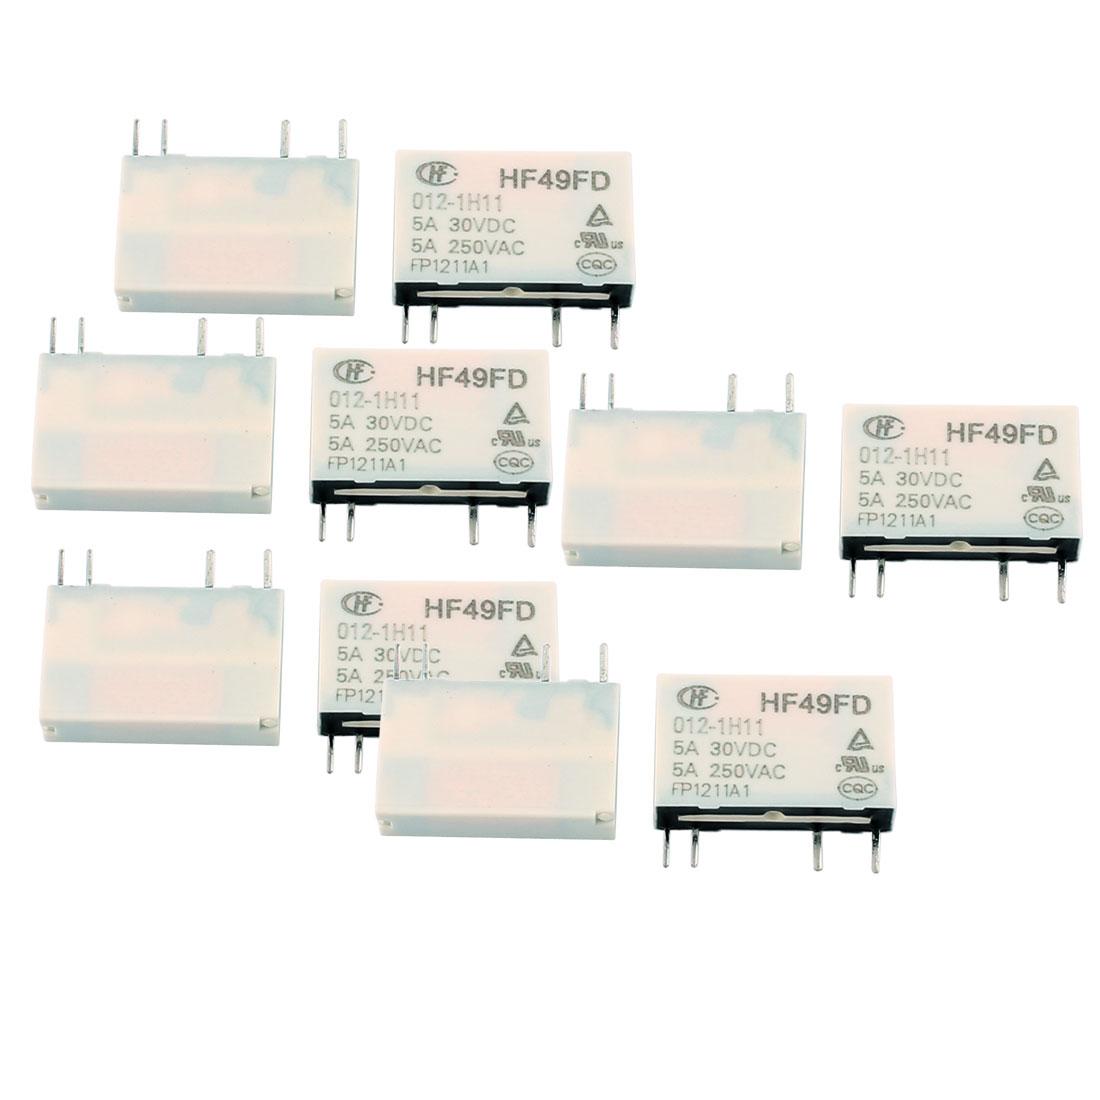 10 Pcs 12VDC 250VAC 5A 4 Terminal NO SPST HF49FD/012-1H11 Power Relay